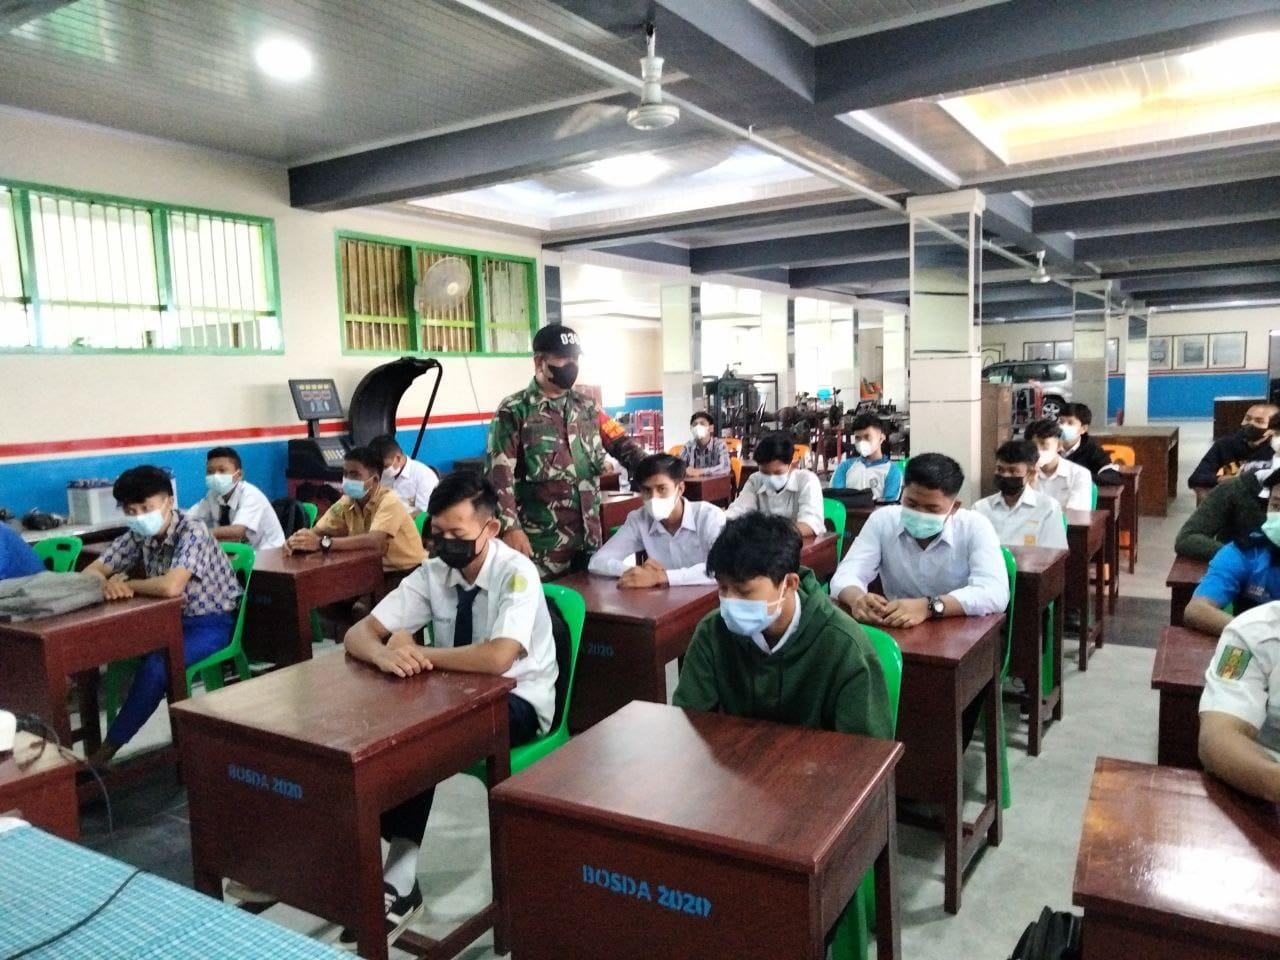 Babinsa Kodim 0301/PBR Berikan Pengarahan Kedispinan Prokes Kepada Siswa SMK Muhammadiyah 1